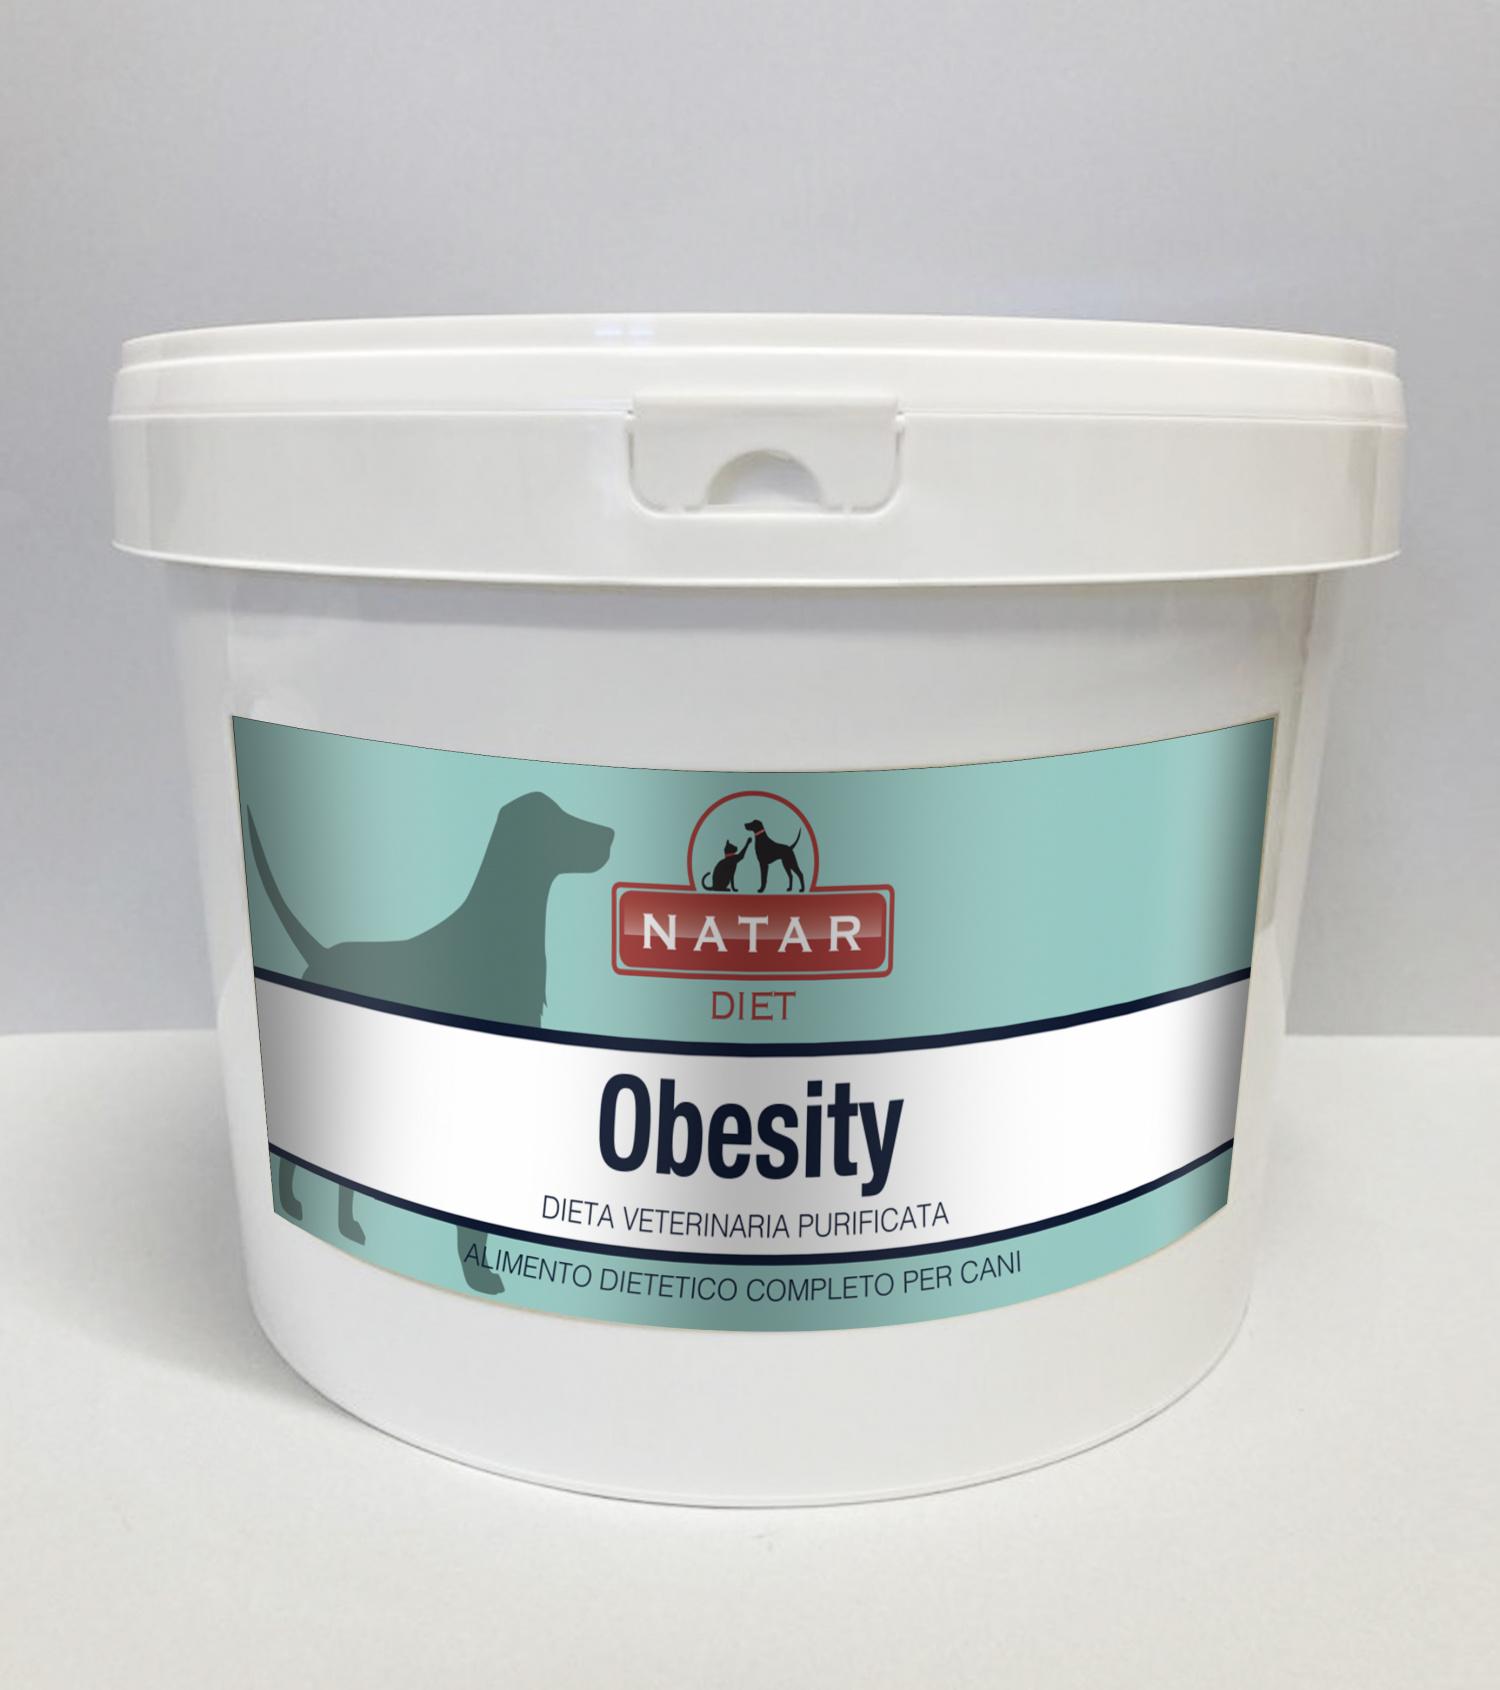 Natar Diet Obesity cane - Grain Free